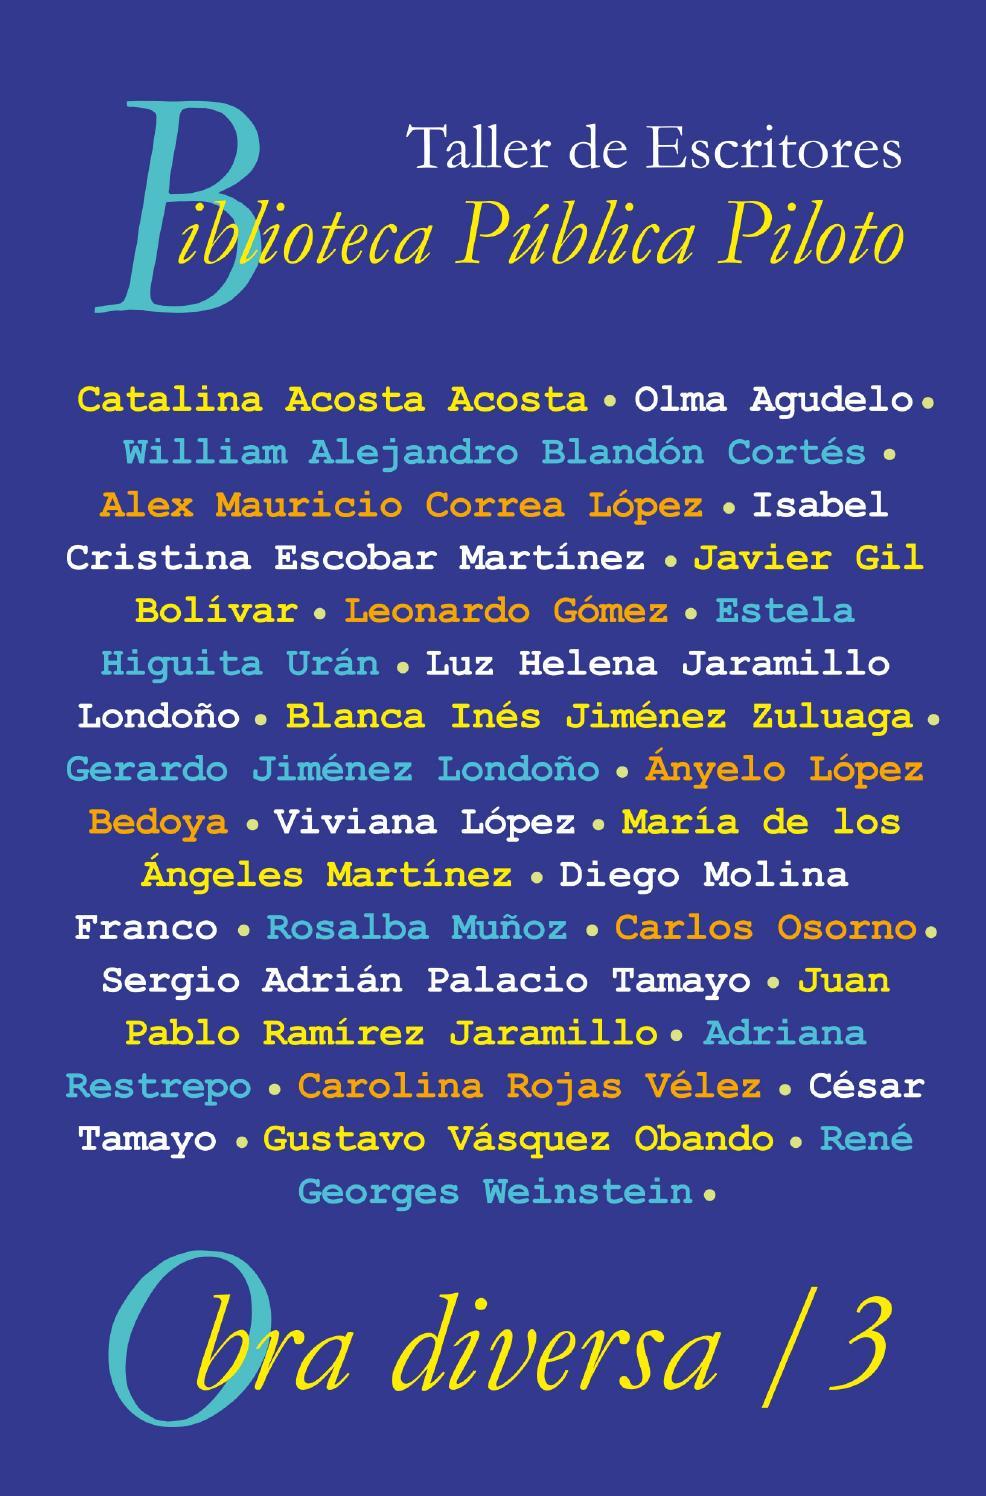 Libro obra diversa tres by Biblioteca Pública Piloto de Medellín ...